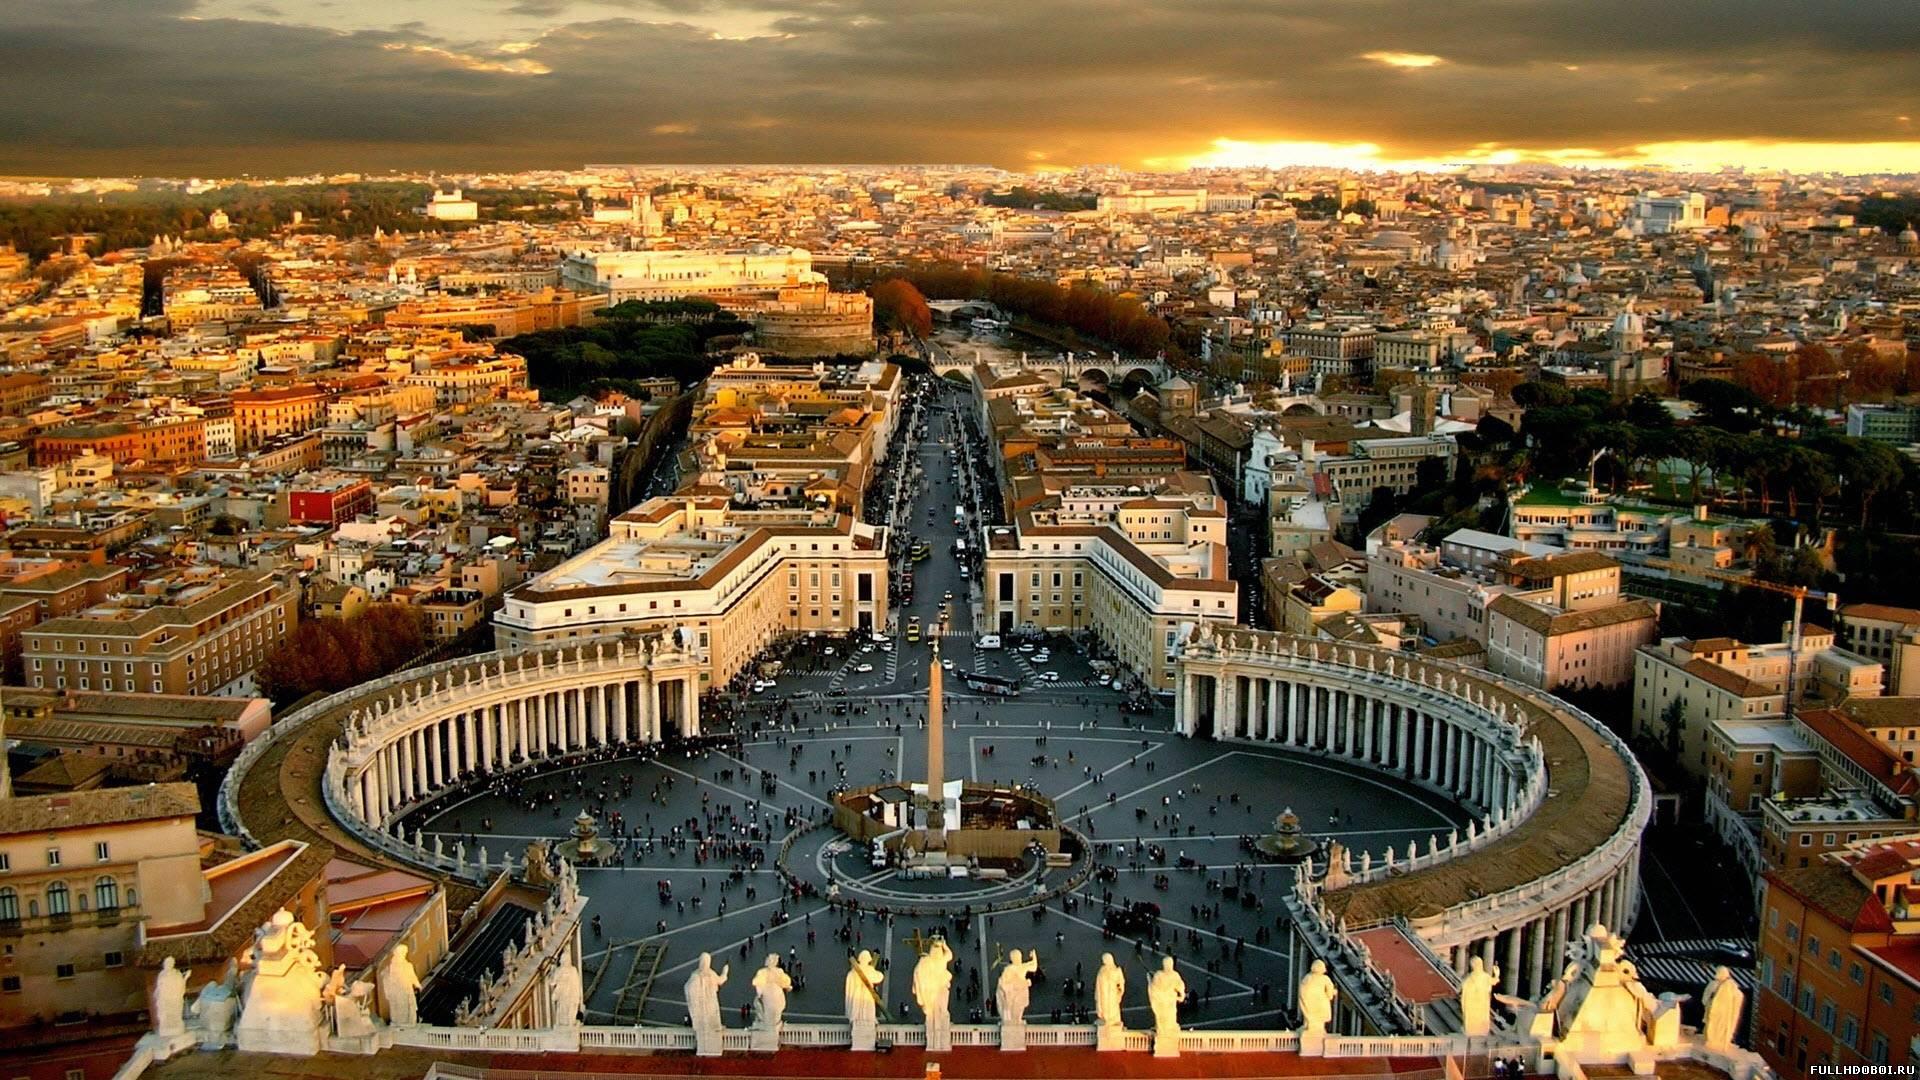 церковь в Ватикане, картинки ...: www.fullhdoboi.ru/photo/city/katolicheskaja_cerkov_v_vatikane...